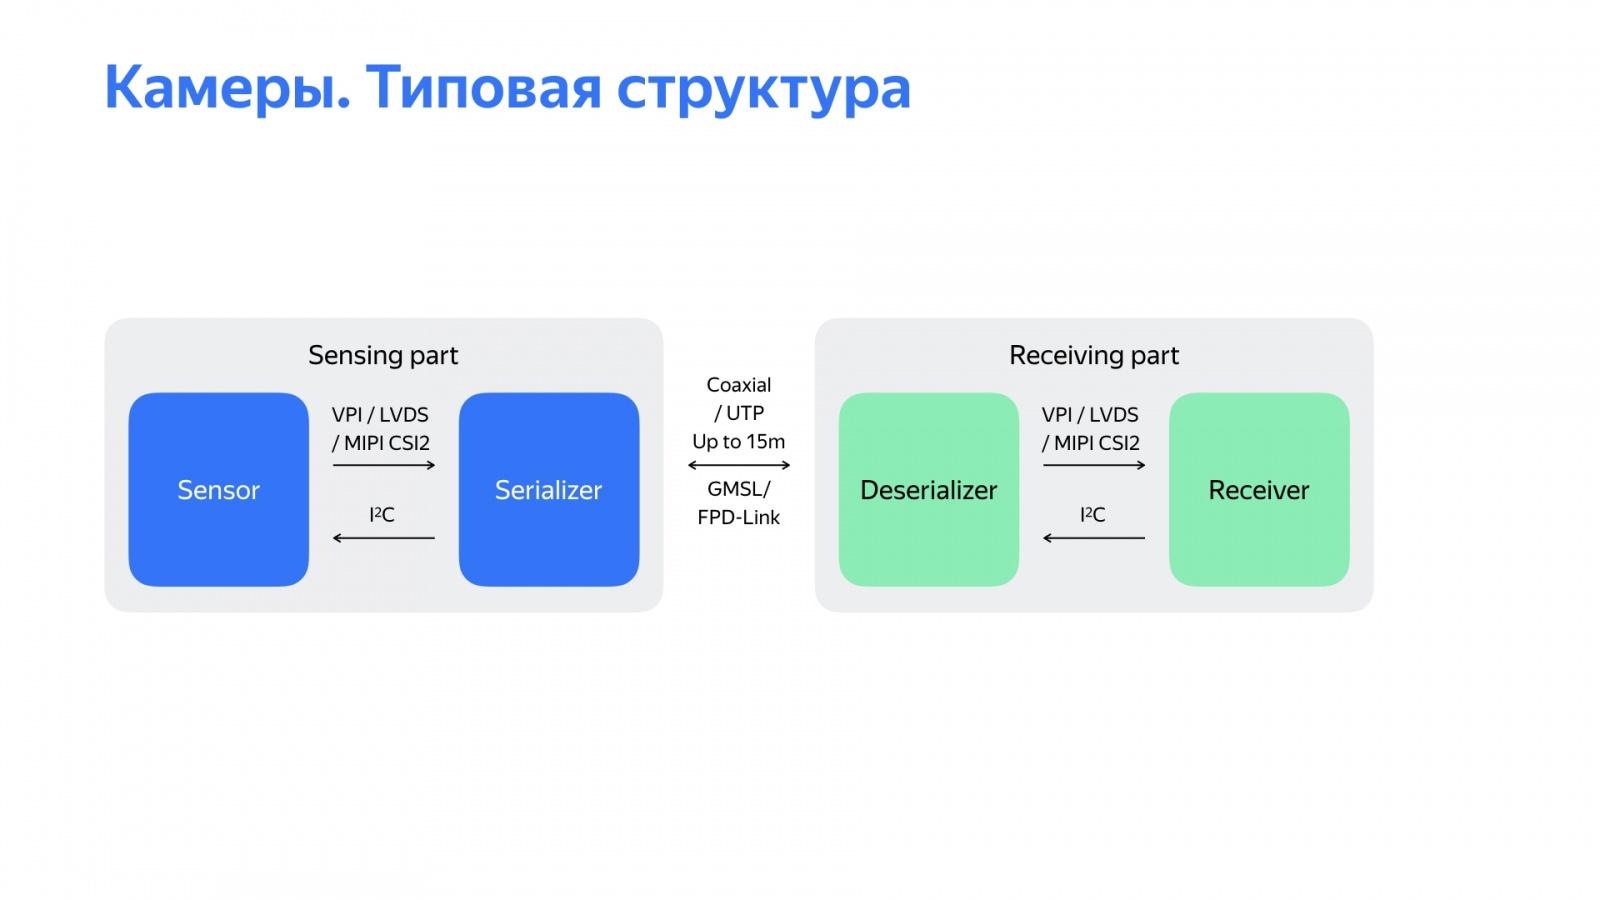 Беспилотный автомобиль: оживляем алгоритмы. Доклад Яндекса - 18